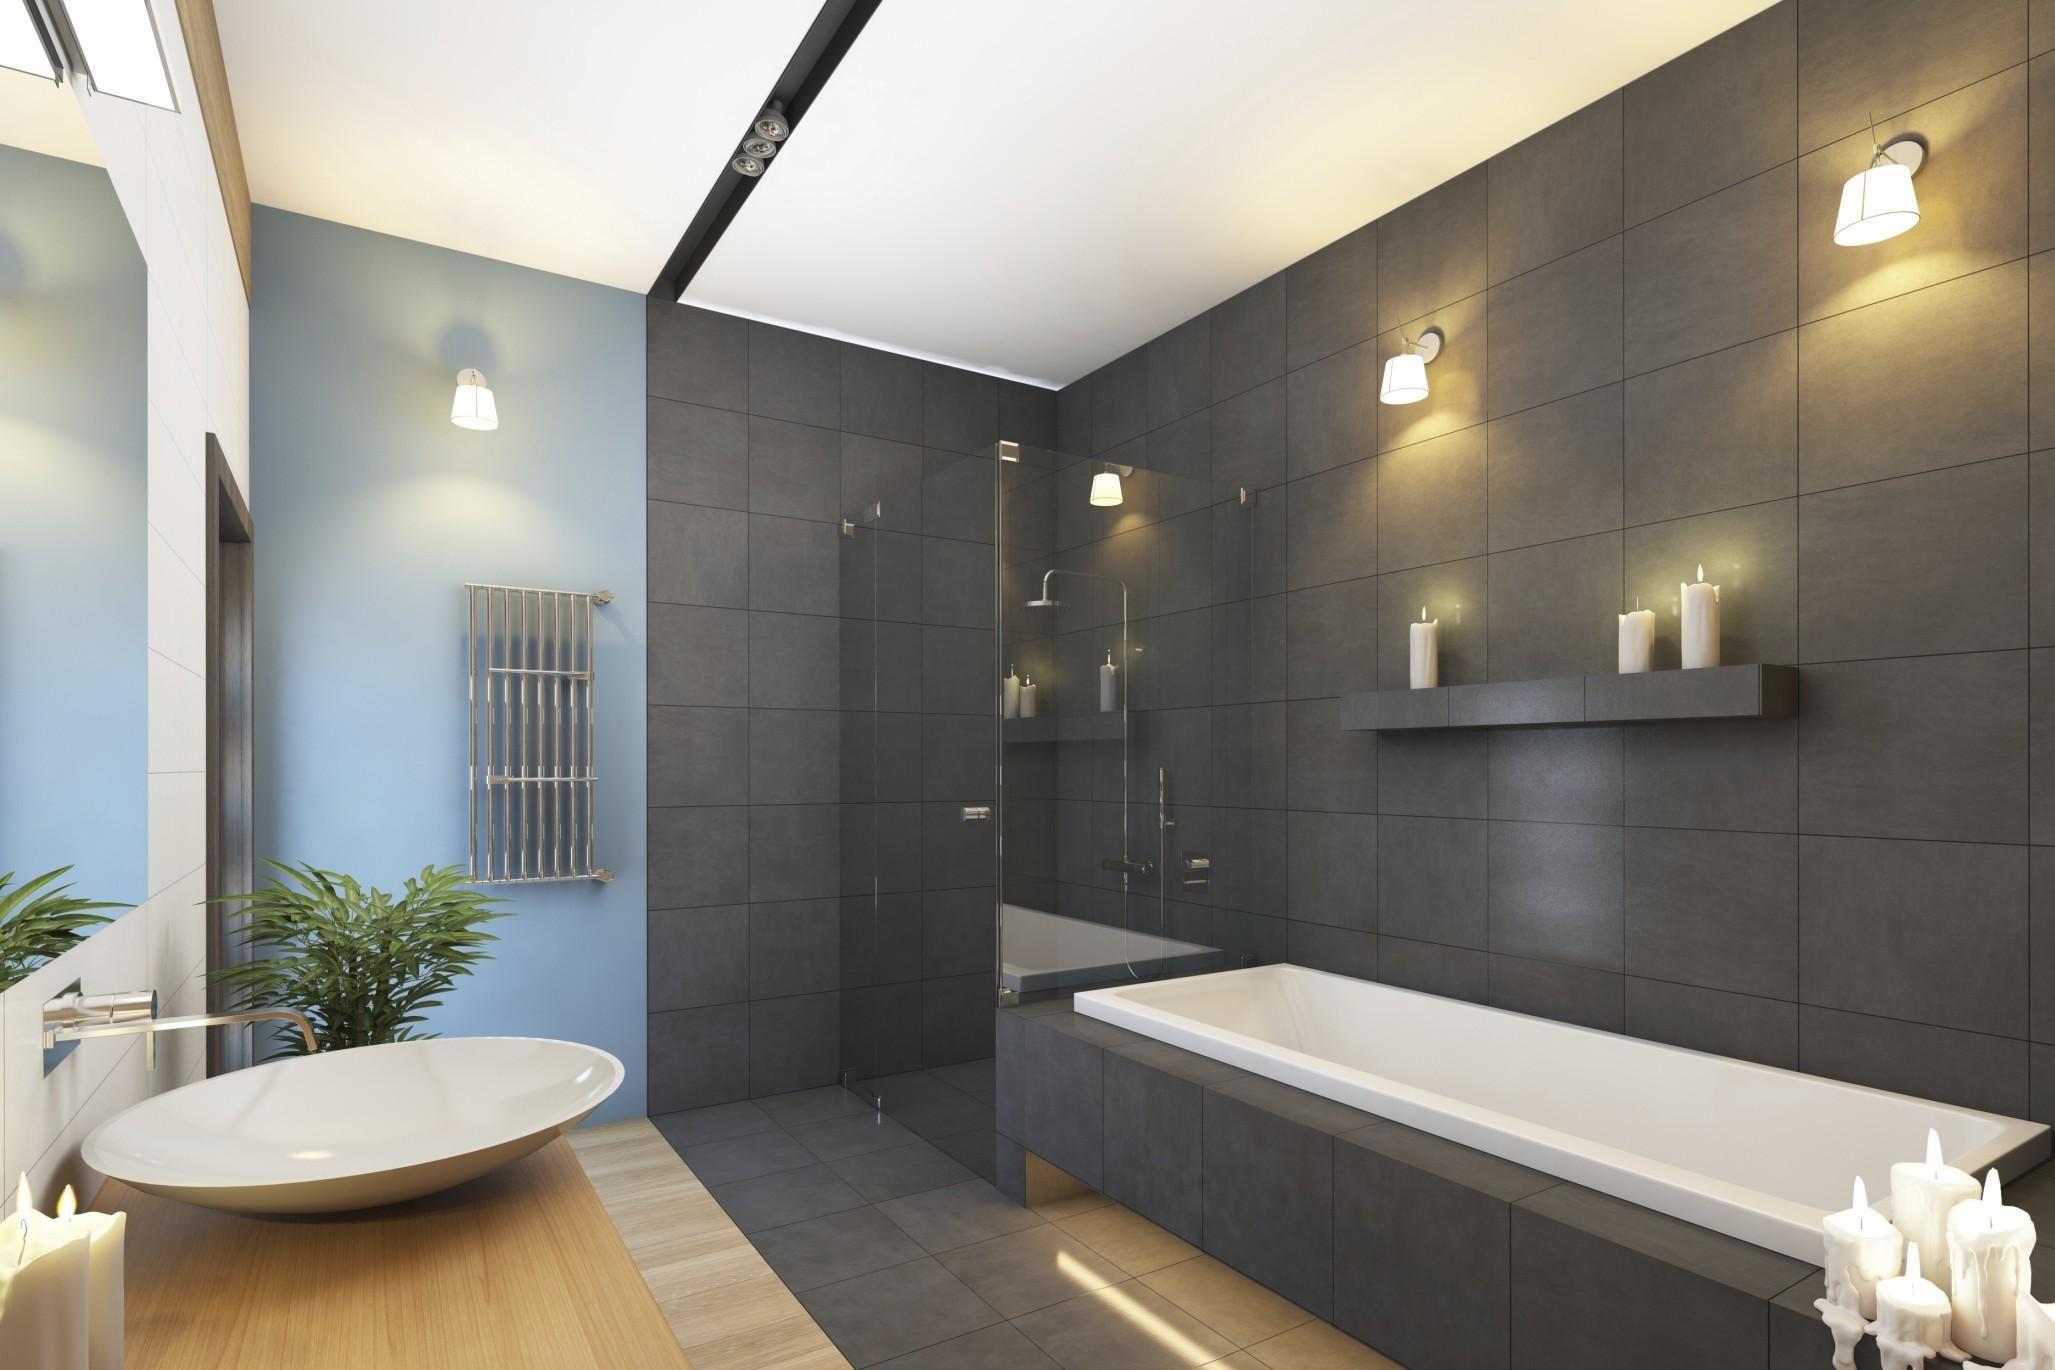 Un bagno moderno e particolare illuminato da luci led calde